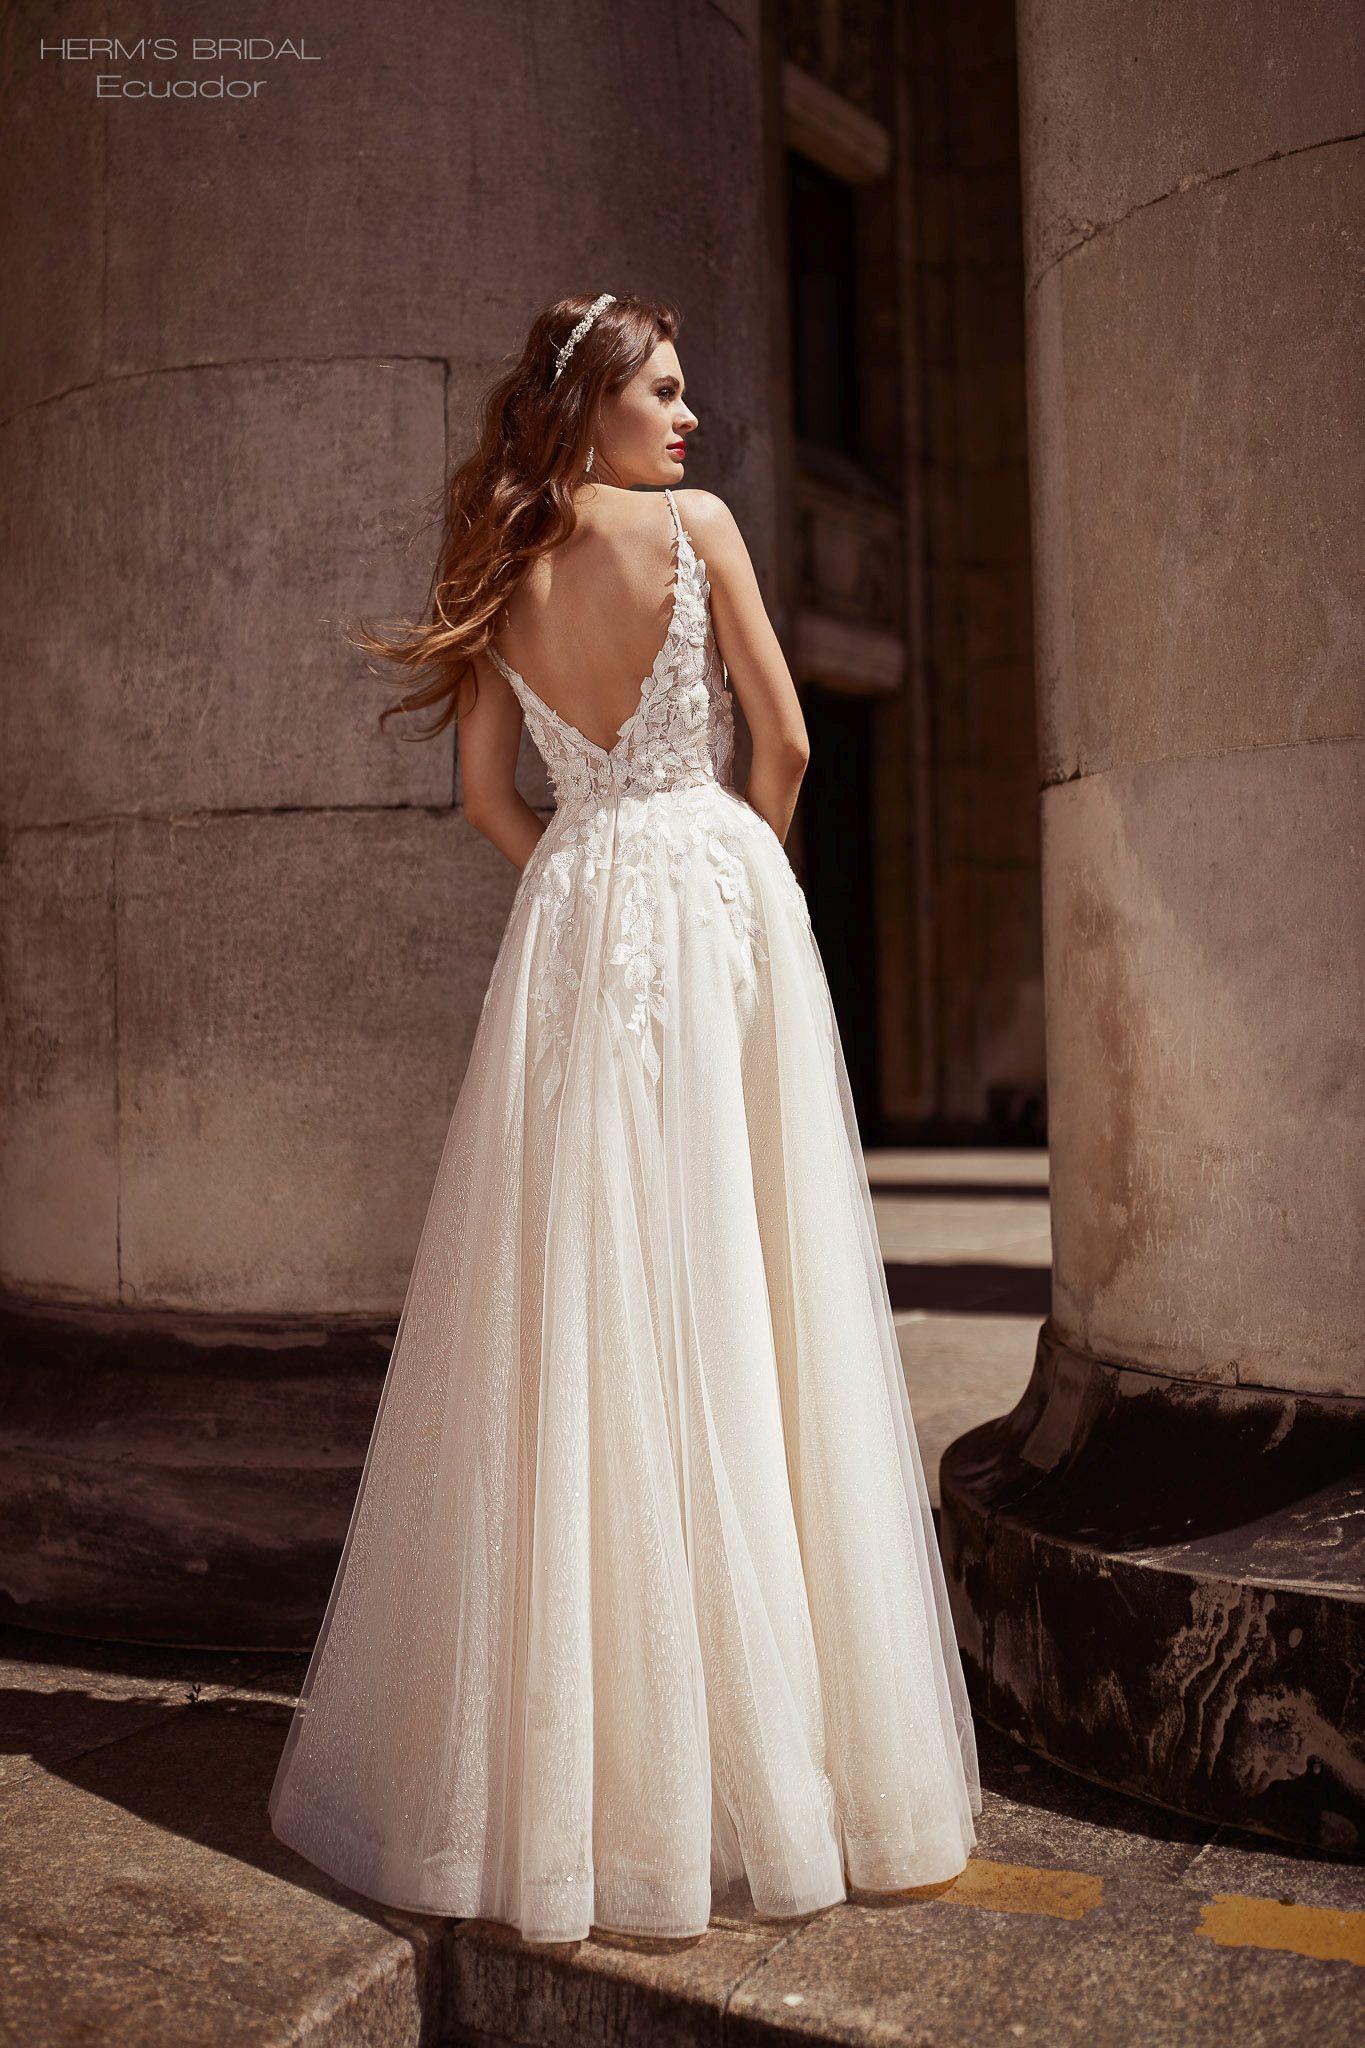 suknia slubna herms bridal Ecuador